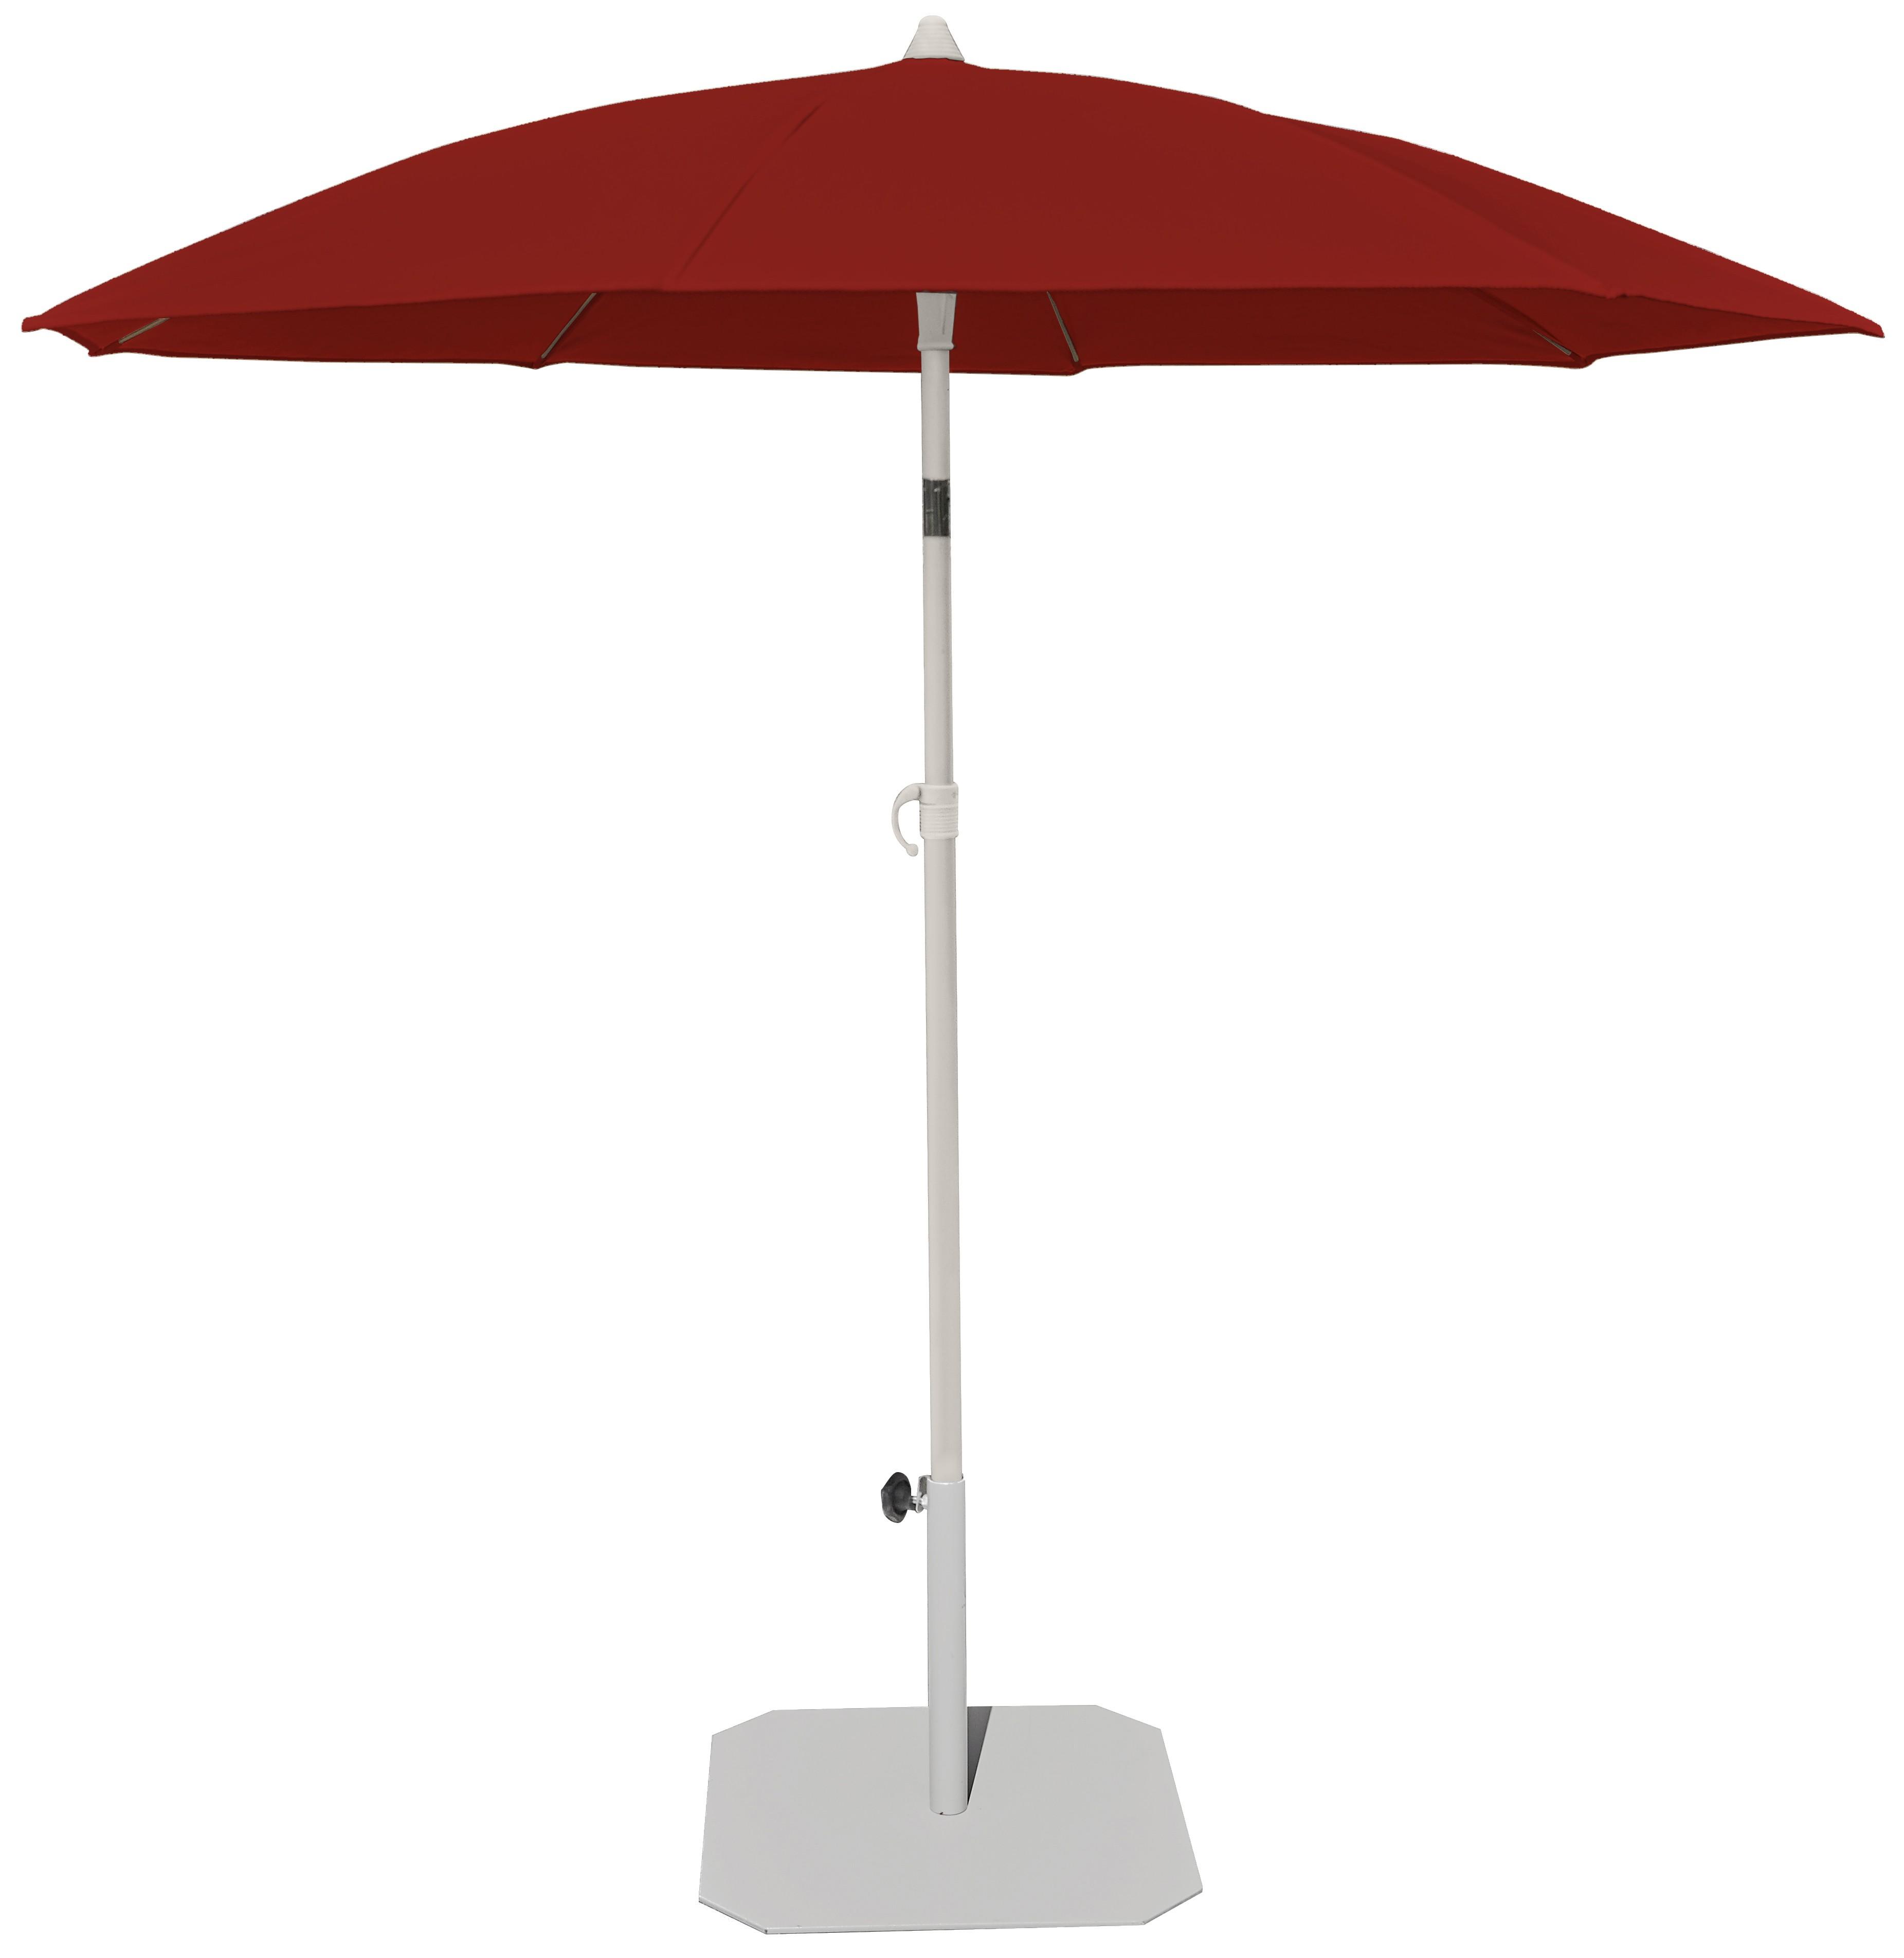 Parasol Ezpeleta Redondos Sand 0 Blancos burgundy Olefin 2